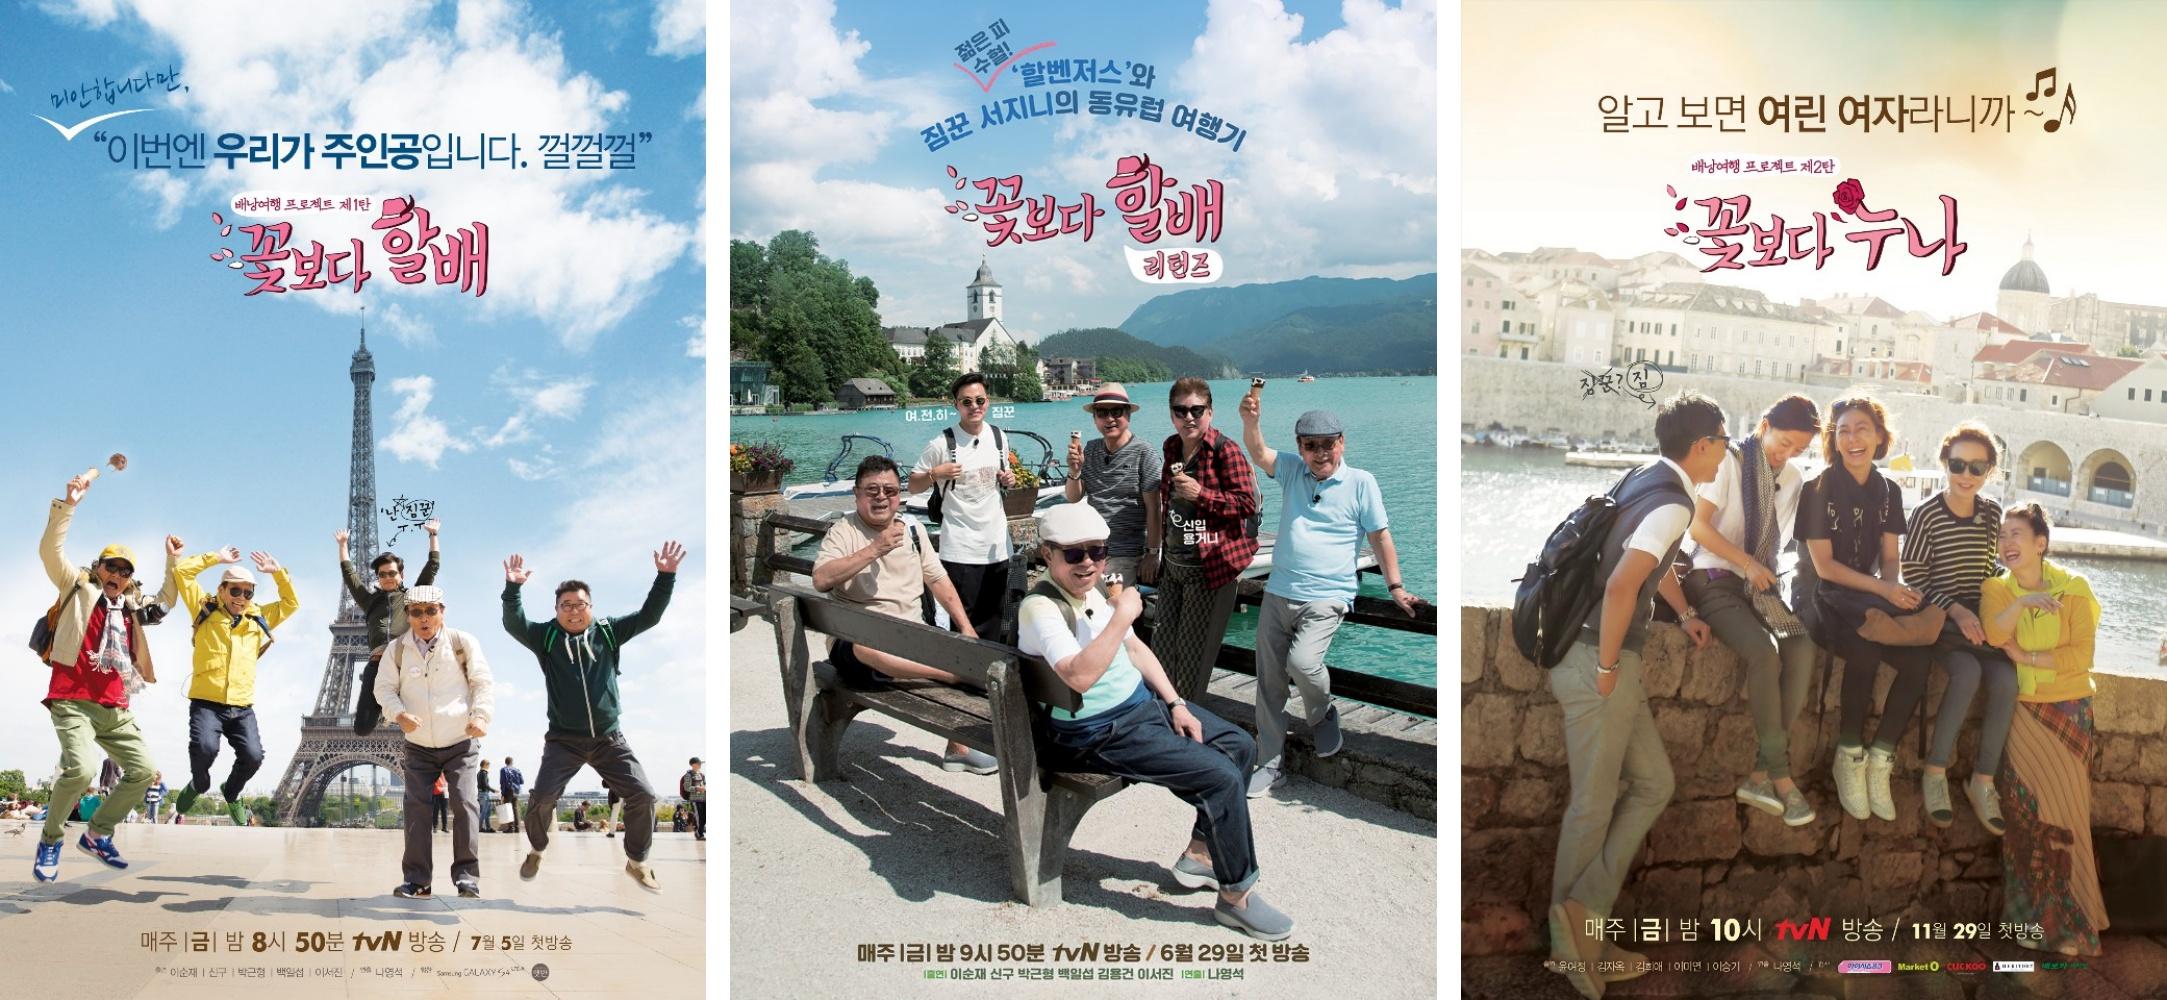 나영석 PD가 '시즌제' 예능 형식을 도입한 예능프로그램 <꽃보다> 시리즈 ©CJ ENM